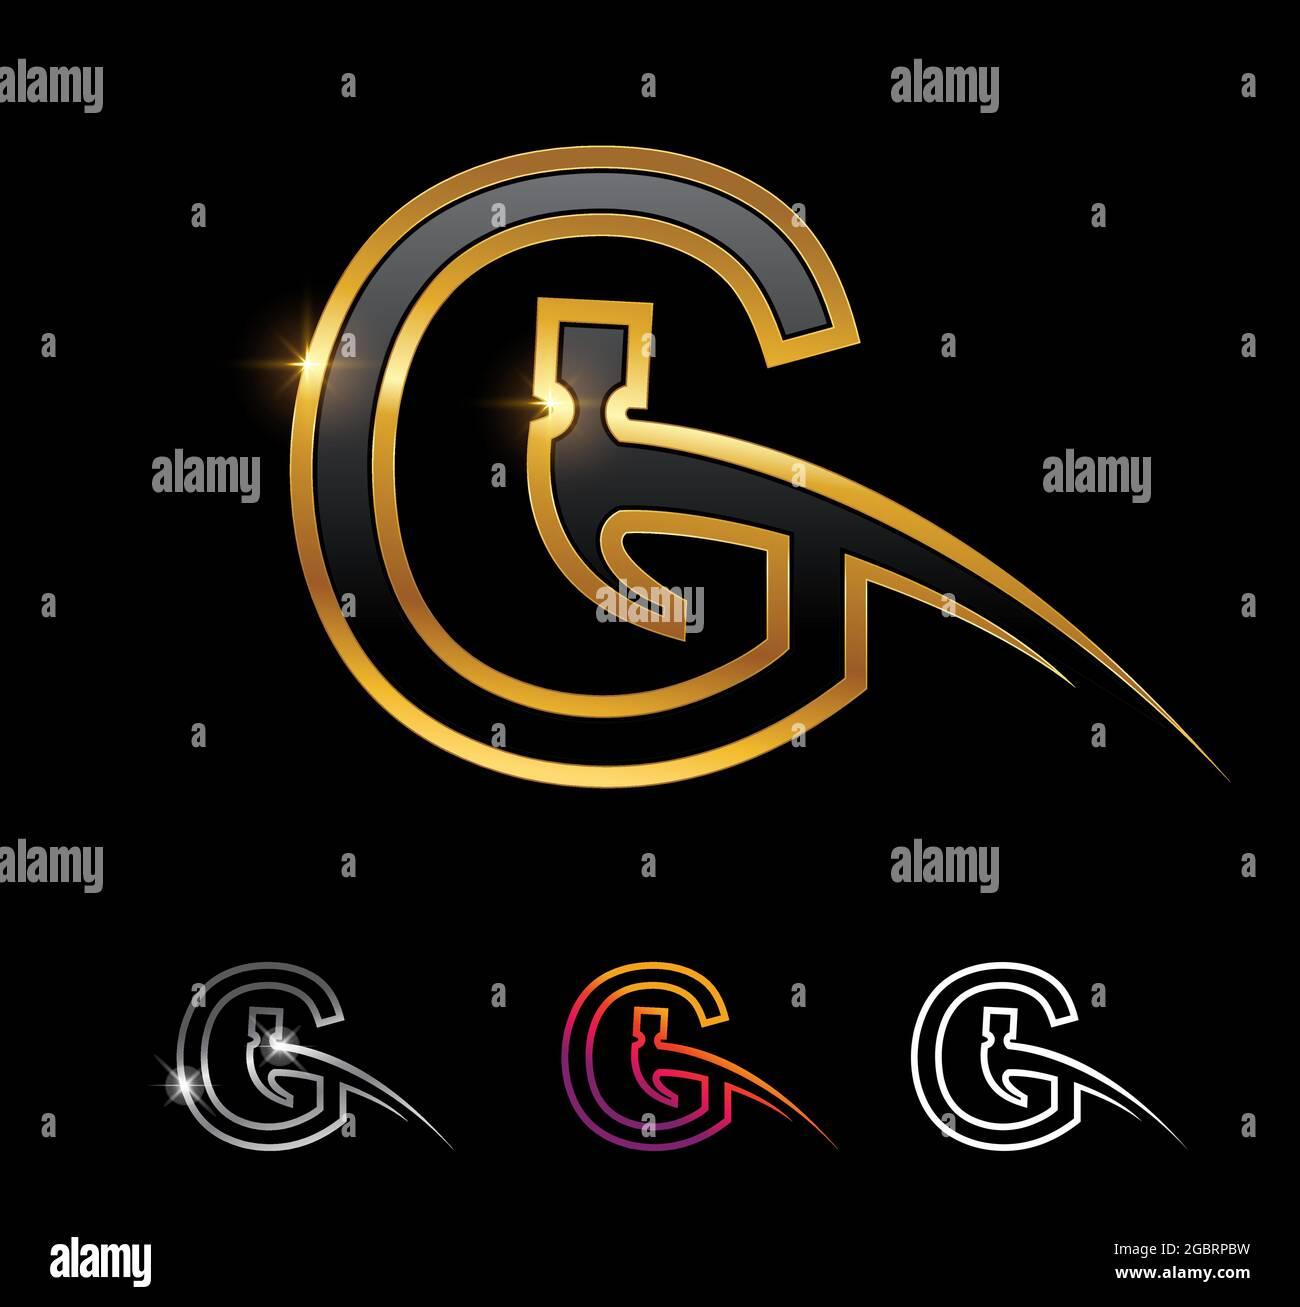 G Symbol Stockfotos und -bilder Kaufen - Seite 7 - Alamy